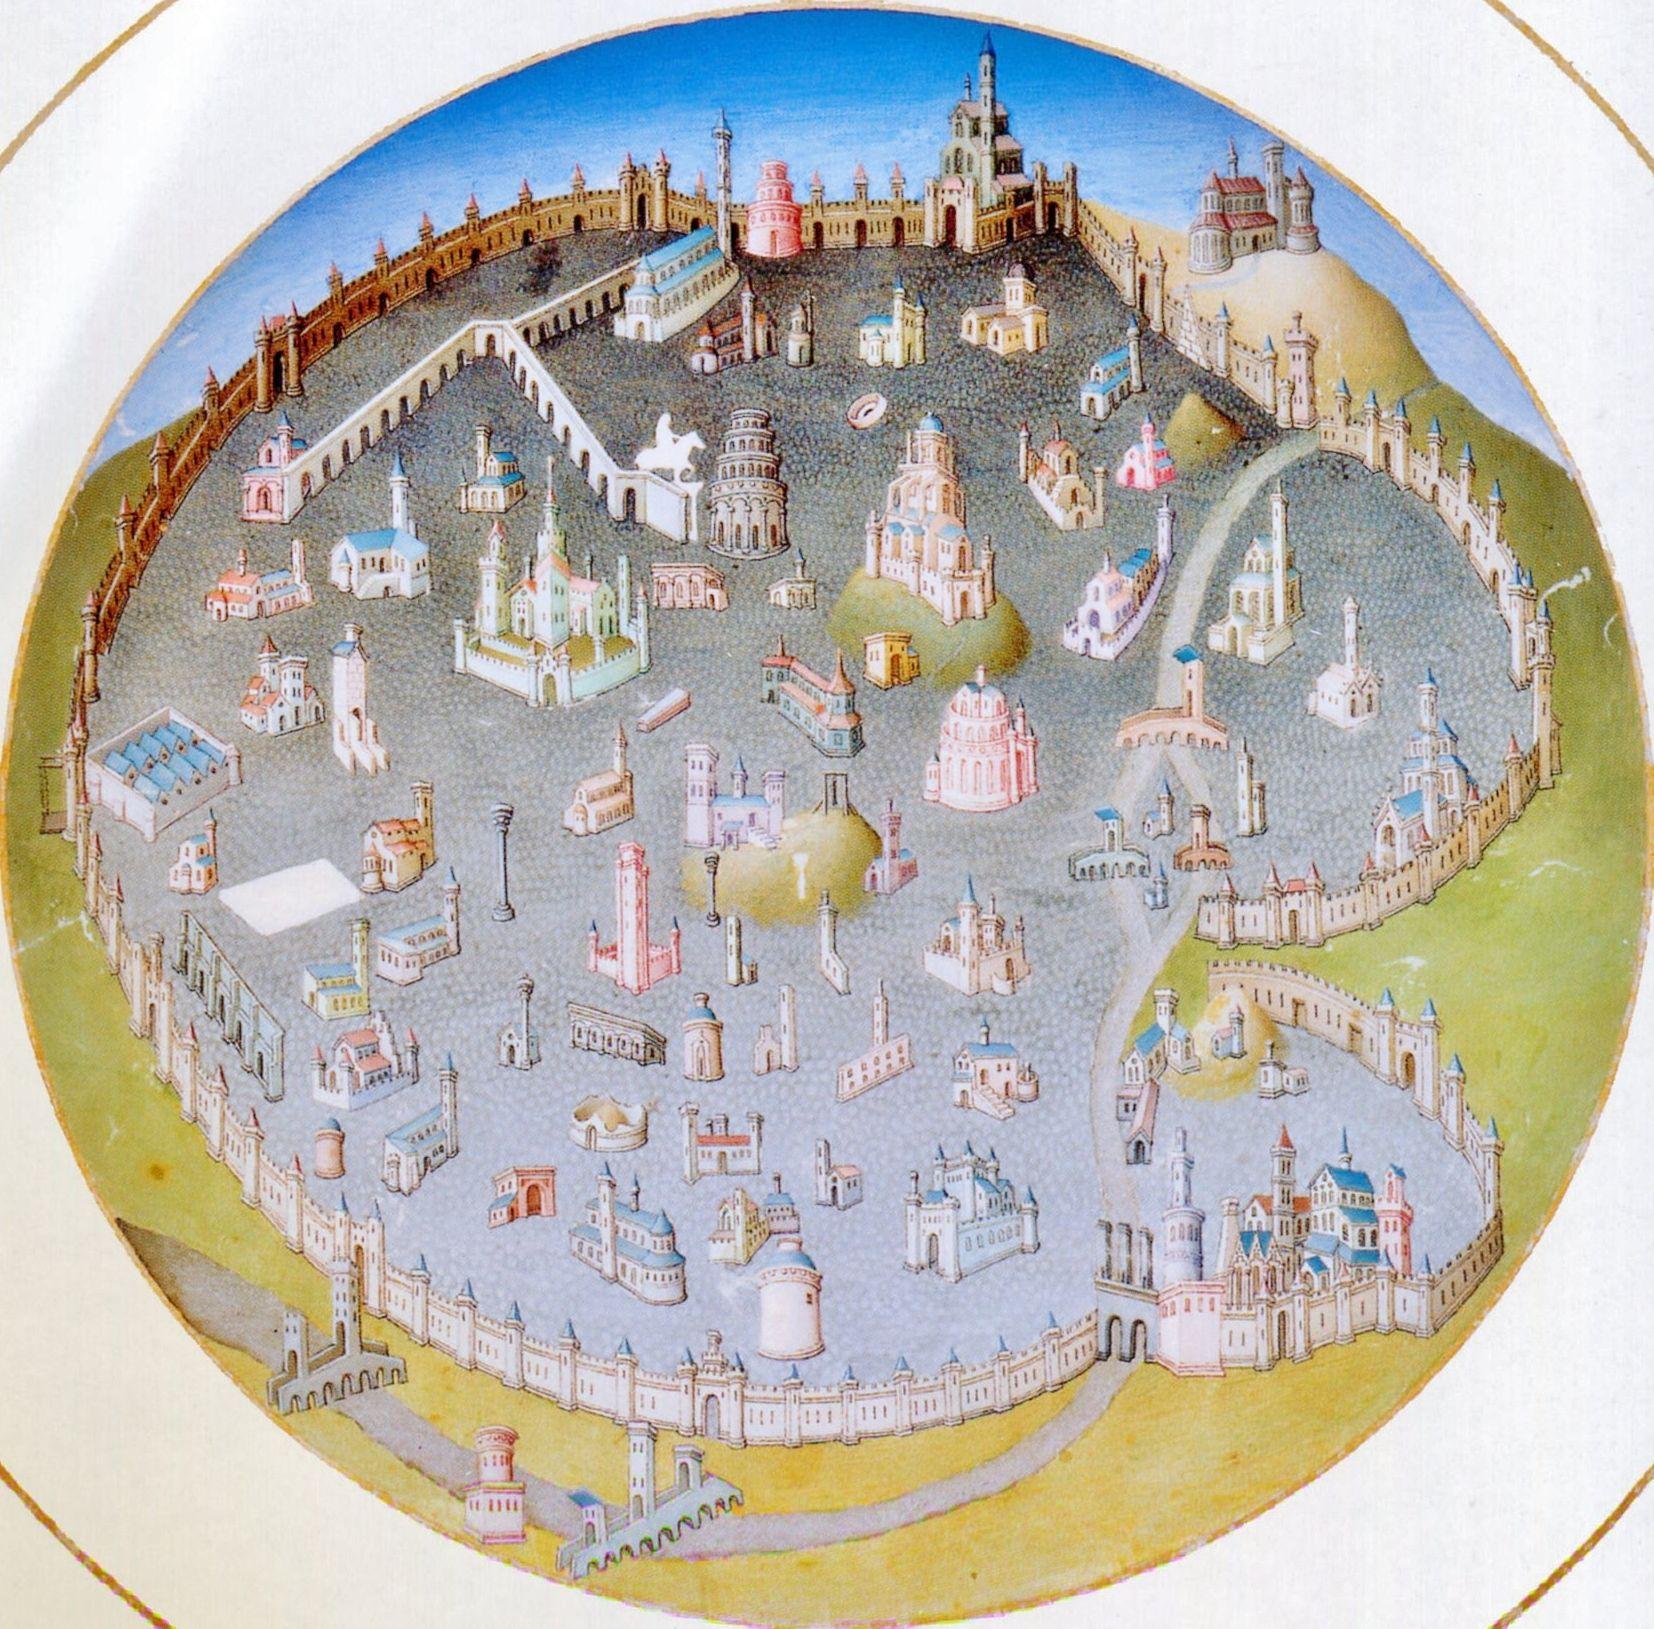 gebr. Van Limburg, Très riches heures du Duc de Berry (1411-1416) Musée Condée Chantilly.Een plattegrond van Rome. De hertog was niet gelukkig met het Westers Schisma en de aanwezigheid van de paus in Avignon. Hij steunde de paus in Rome en nam deze plattegrond van Rome op in zijn getijdenboek. Rechts bovenin de kaart staat de St. Jan van Lateranen buiten de muren van de stad. Dit geeft aan dat de kaart niet noord-zuid georiënteerd is. Deze kerk staat ten zuiden van de oude stad.